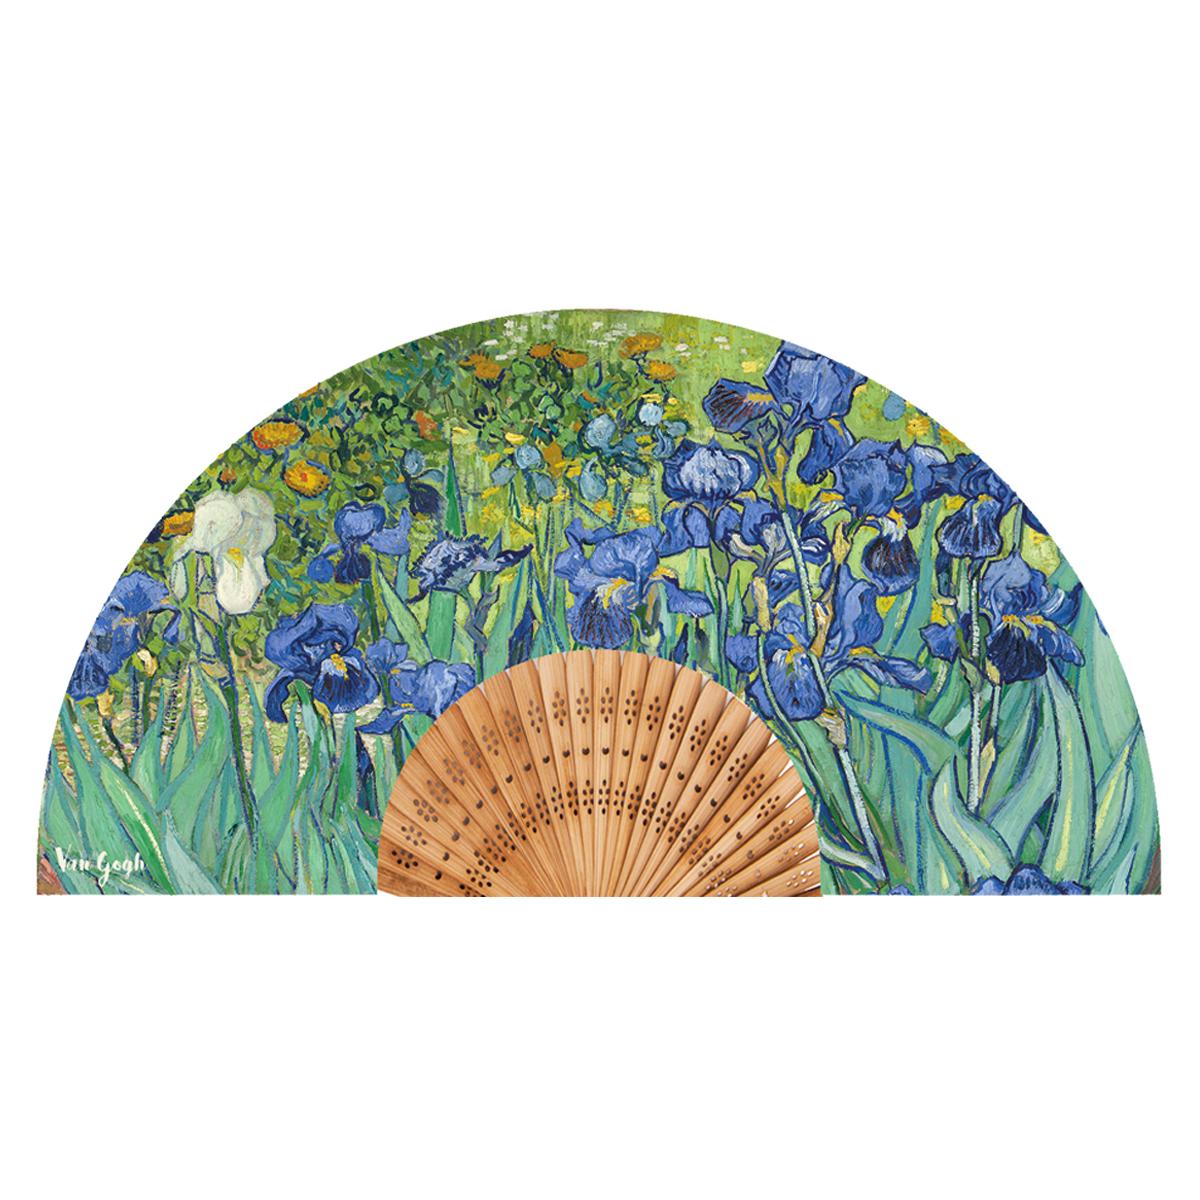 Eventail créateur \'Vincent Van Gogh\' (Iris) - ouvert 37x21 cm - [Q9275]